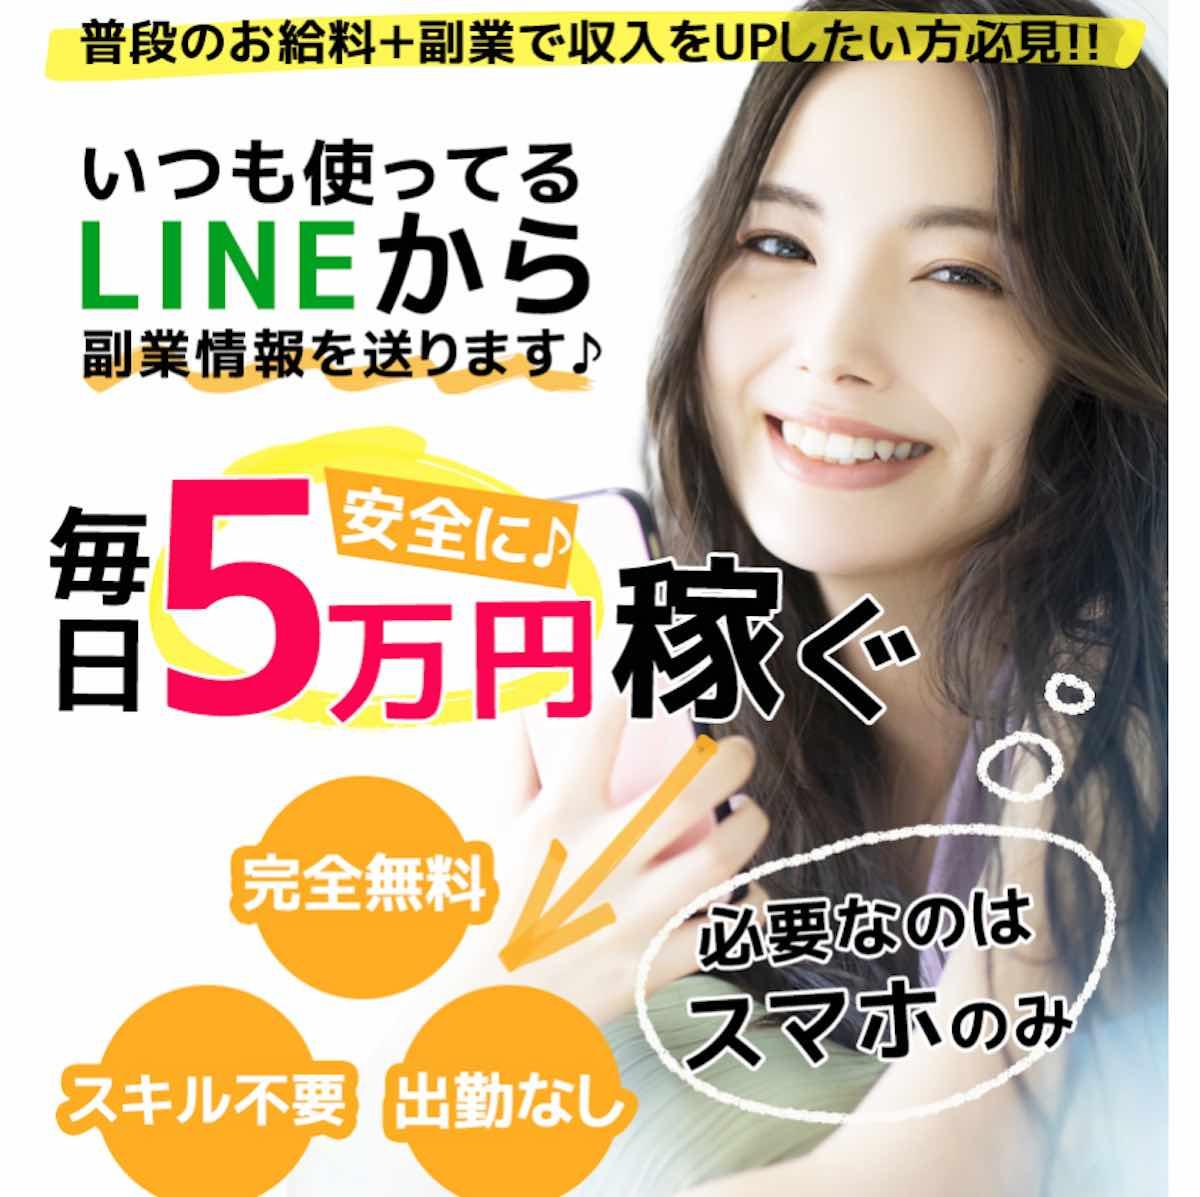 ジョブNewsは詐欺か?LINE登録で毎日5万円は稼げない?怪しい内容なのか危険性や口コミ・評判を徹底検証!